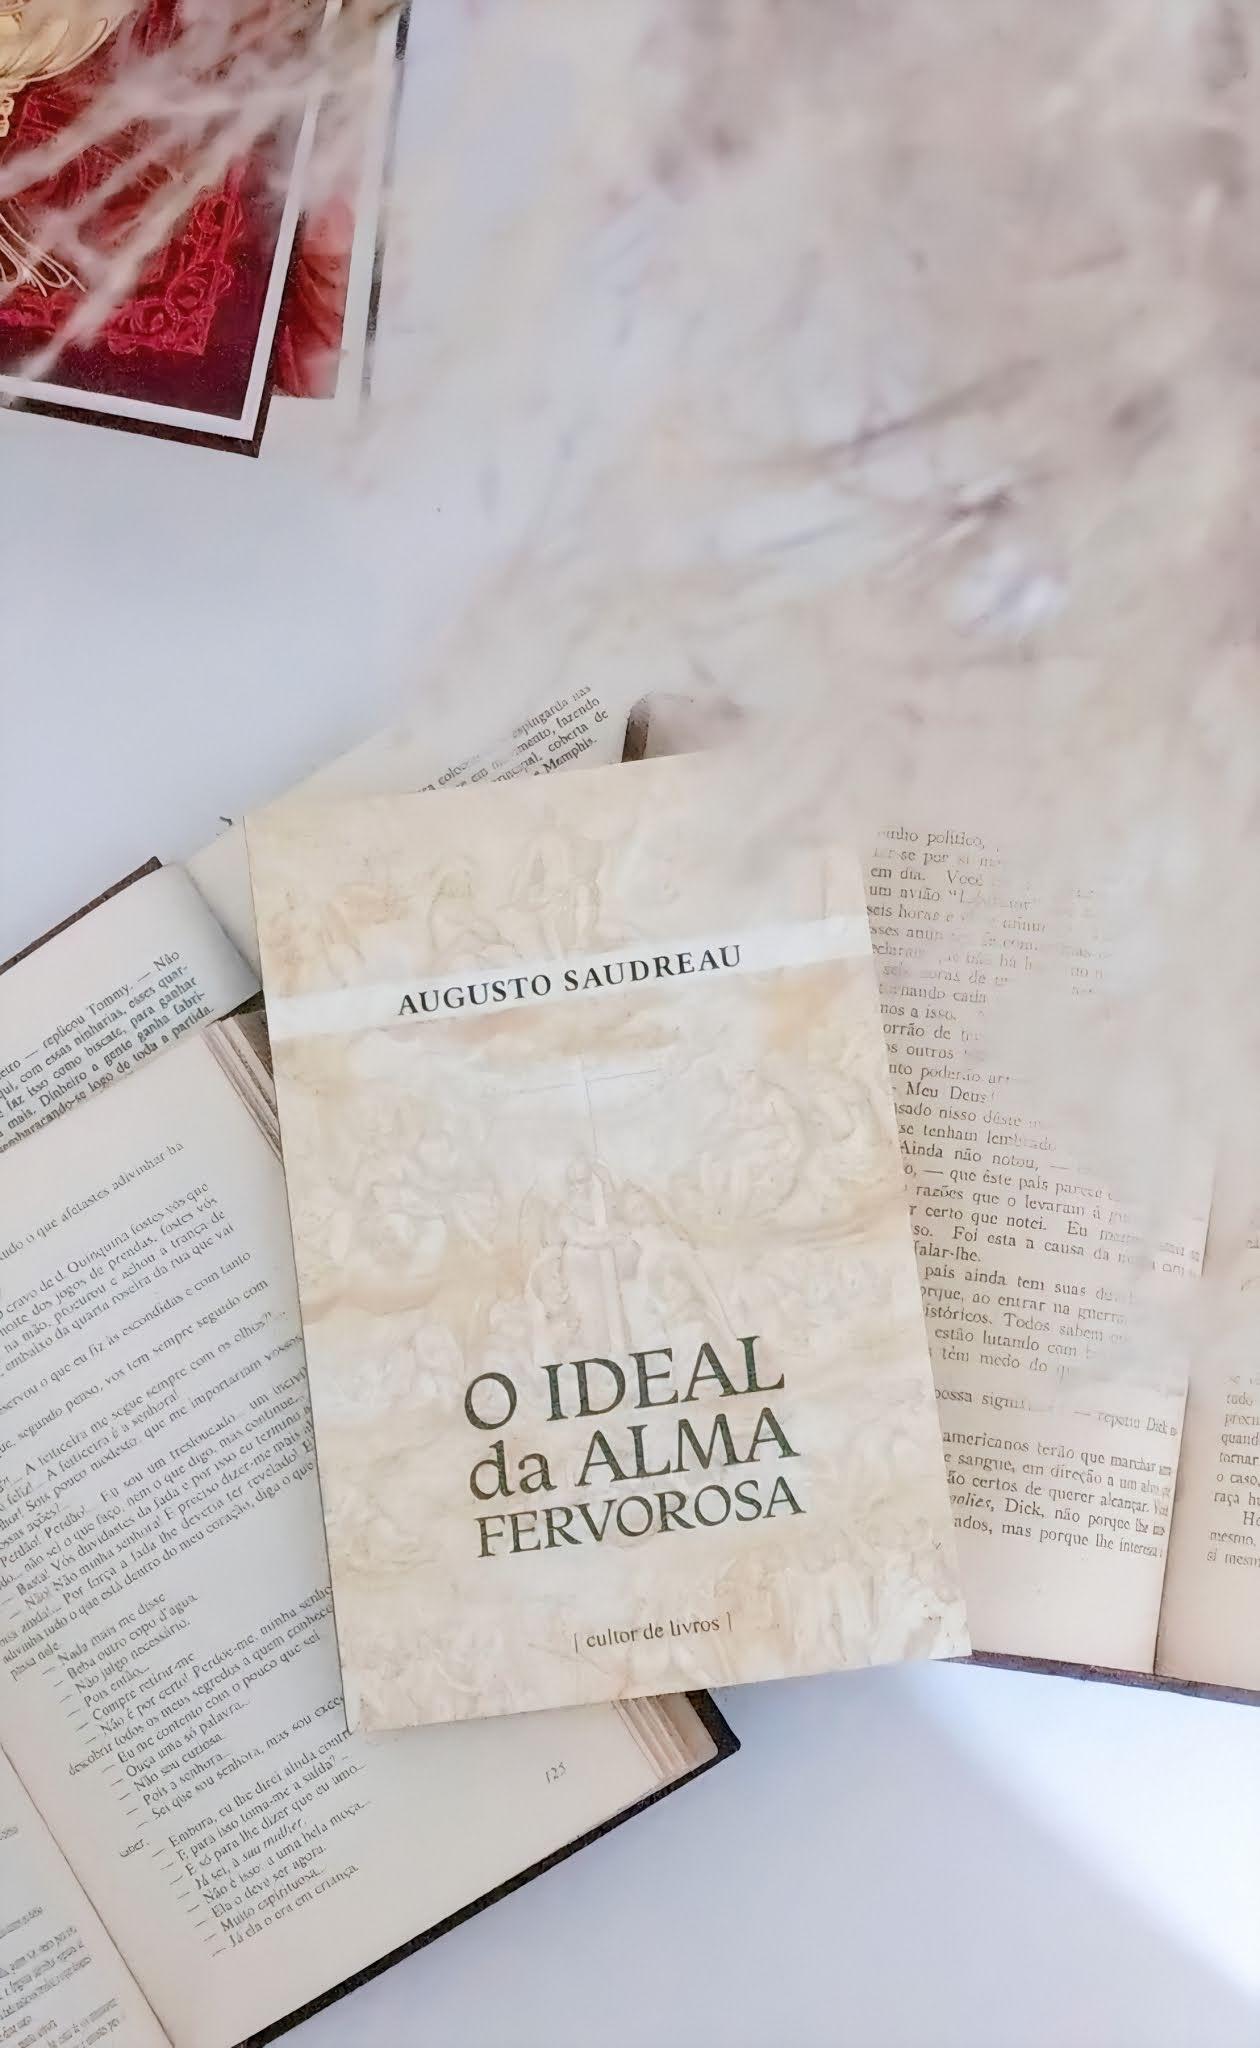 Resenha e Comentários: O ideal da alma fervorosa (Augusto Saudreau)